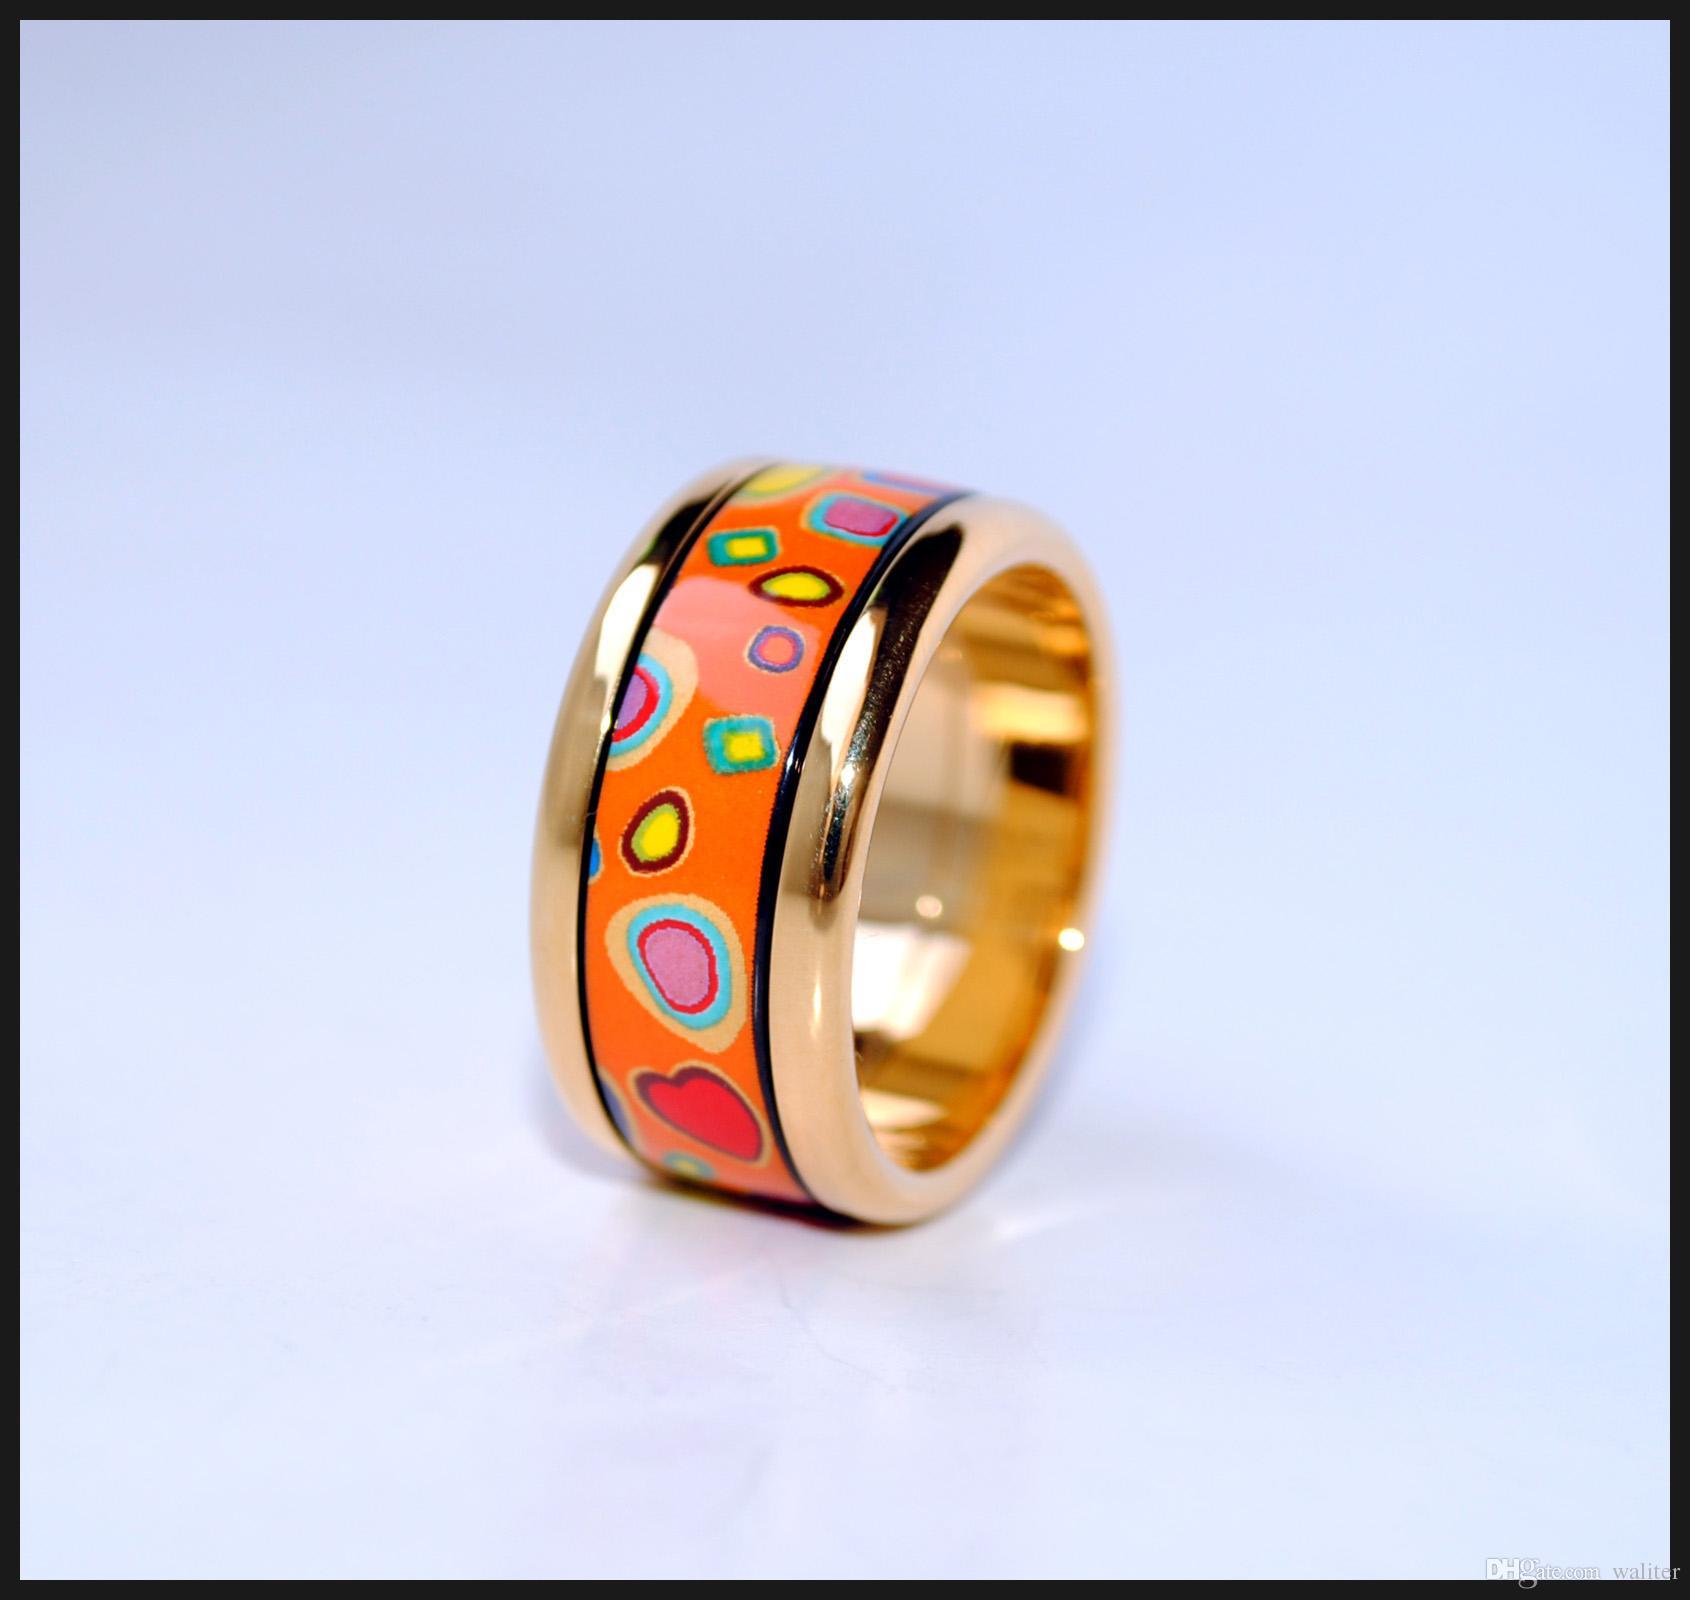 Piedras de colores Serie 18K anillos de esmalte chapado en oro Anillo de calidad superior para anillos de bandas de mujeres para regalo